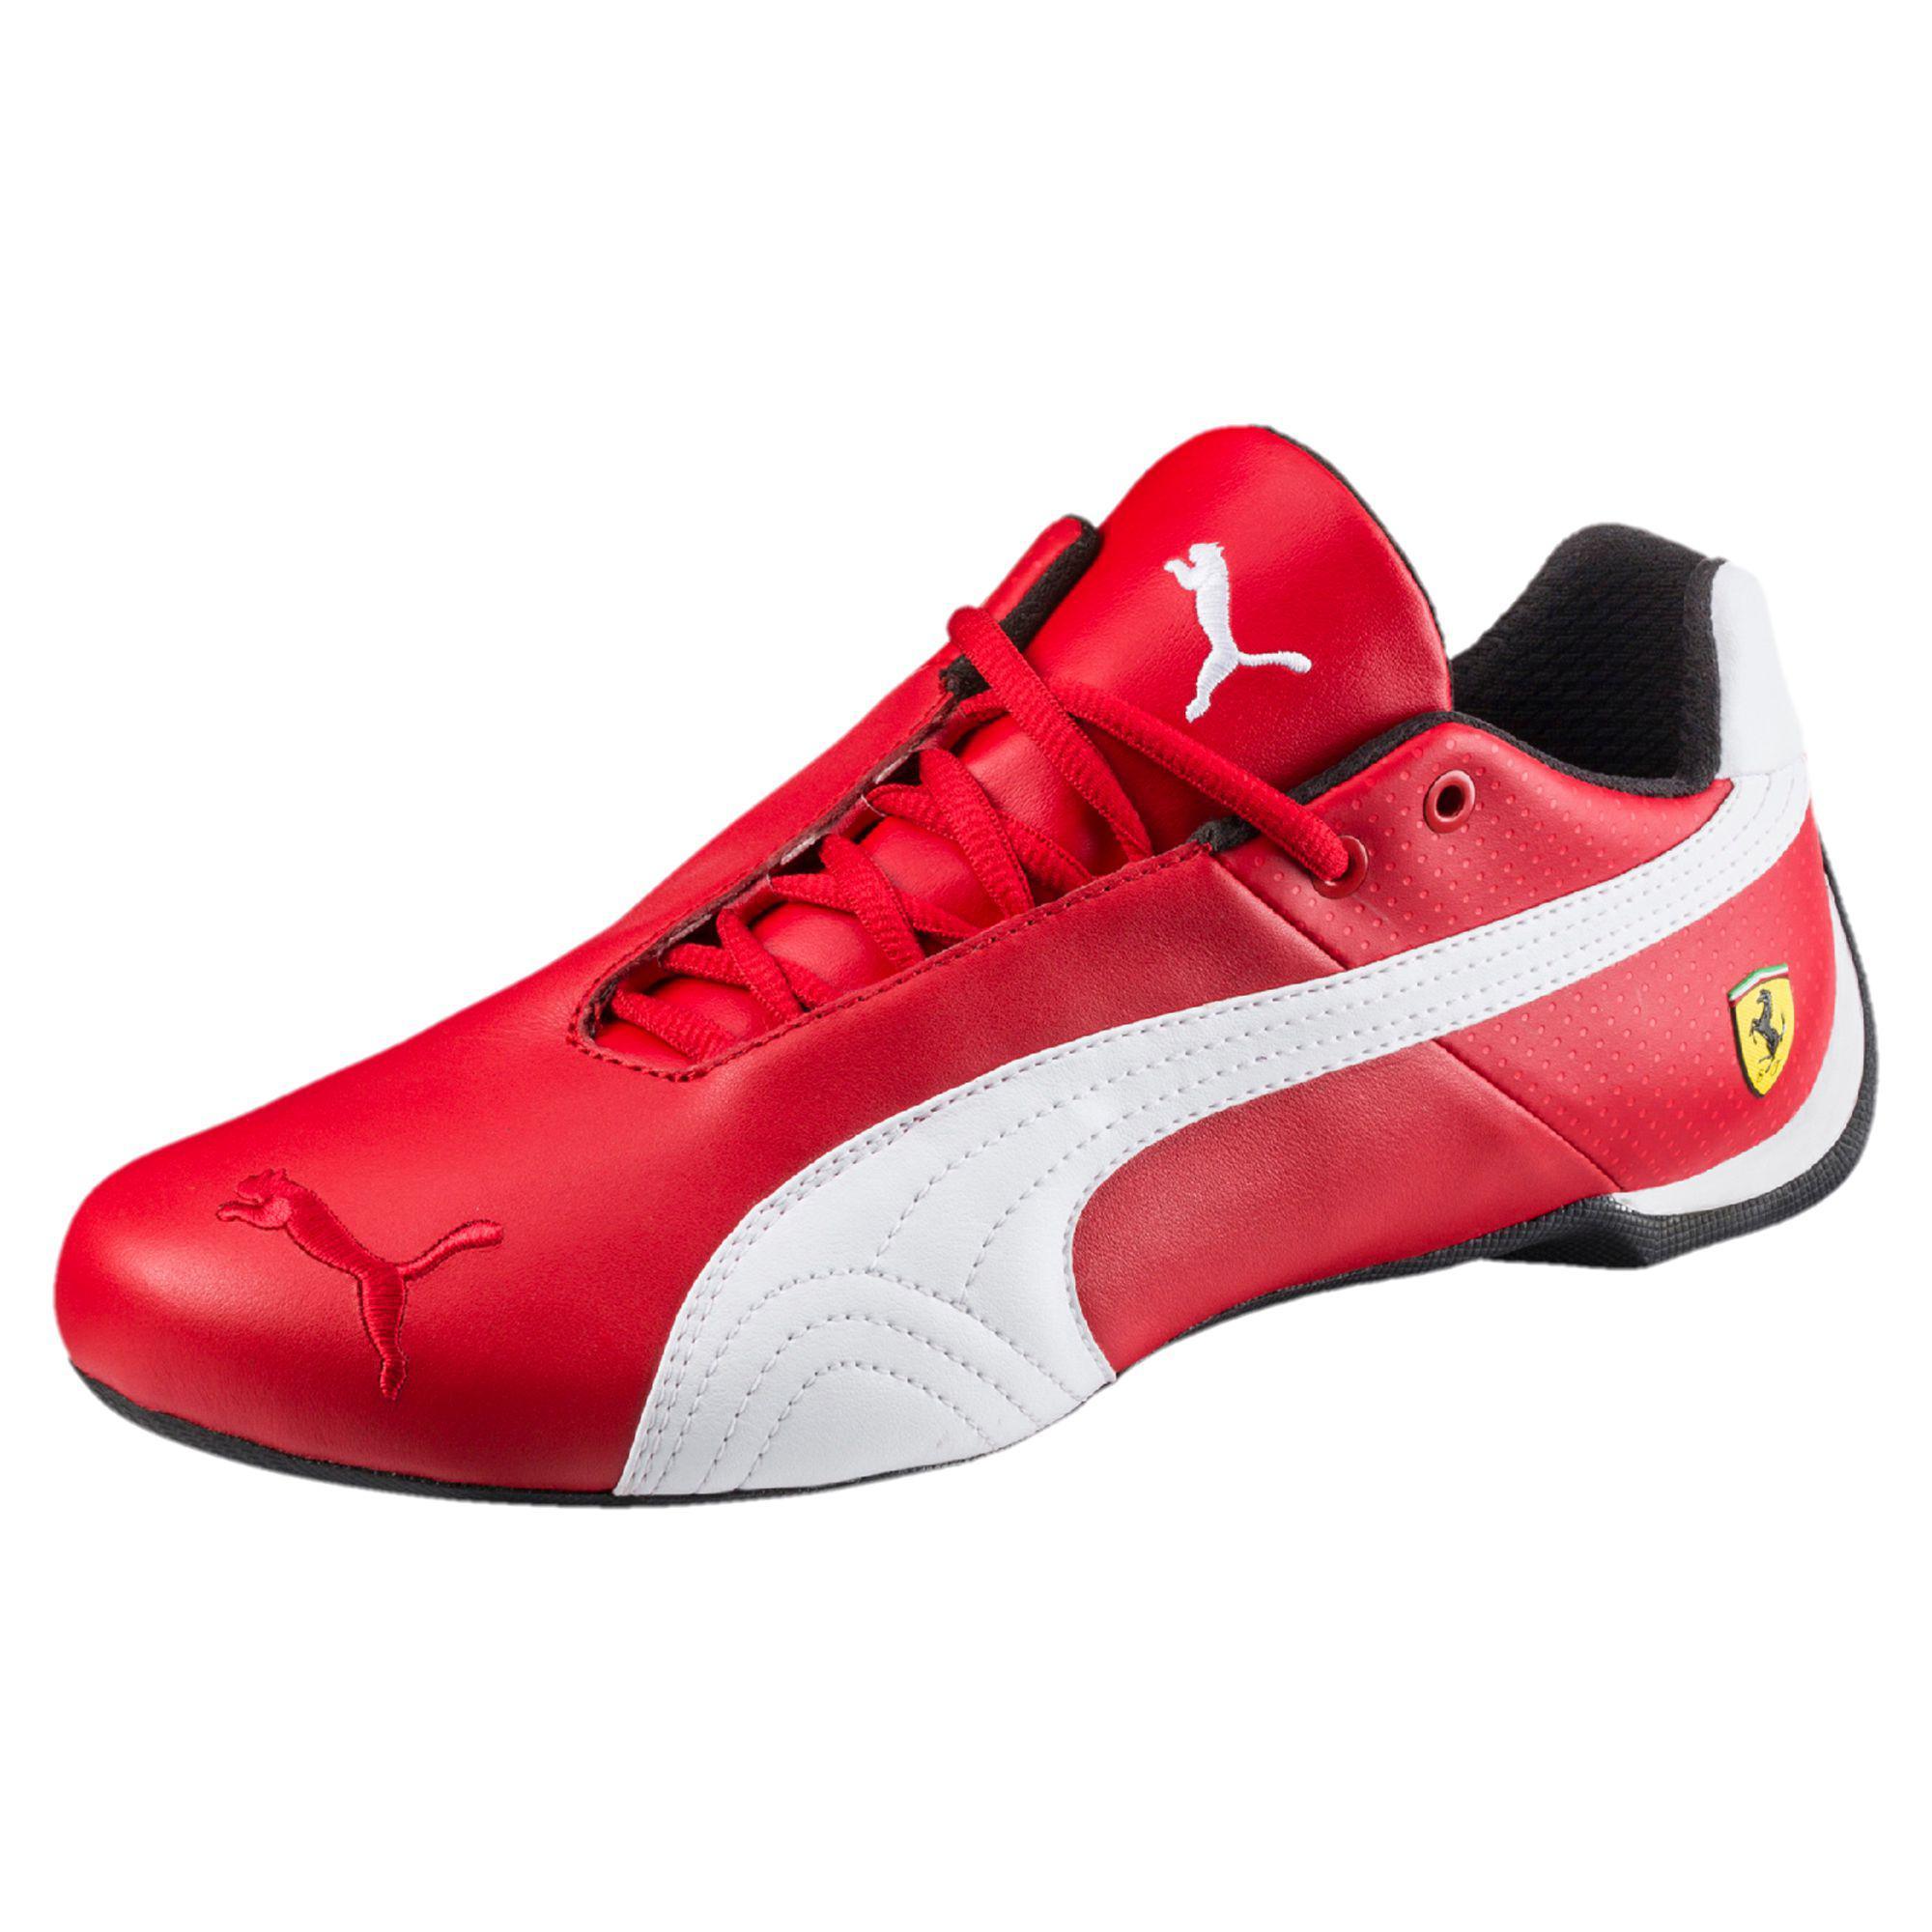 shoes men belt og pna ebay new cat puma ferrari low boot future auto training itm